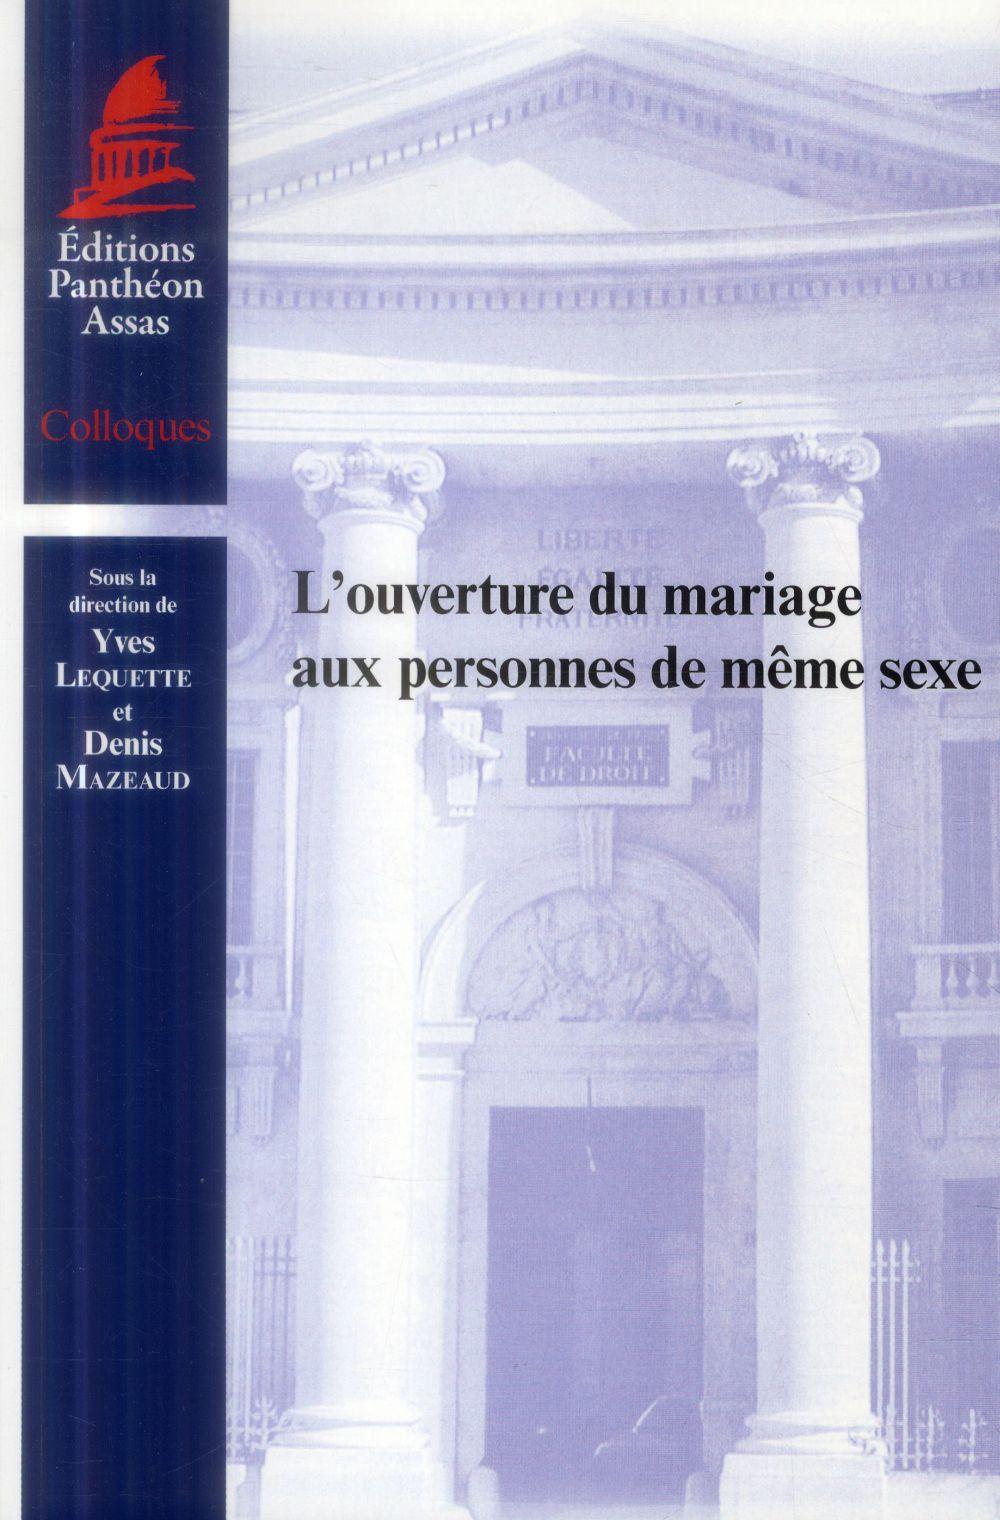 L'OUVERTURE DU MARIAGE AUX PERSONNES DE MEME SEXE